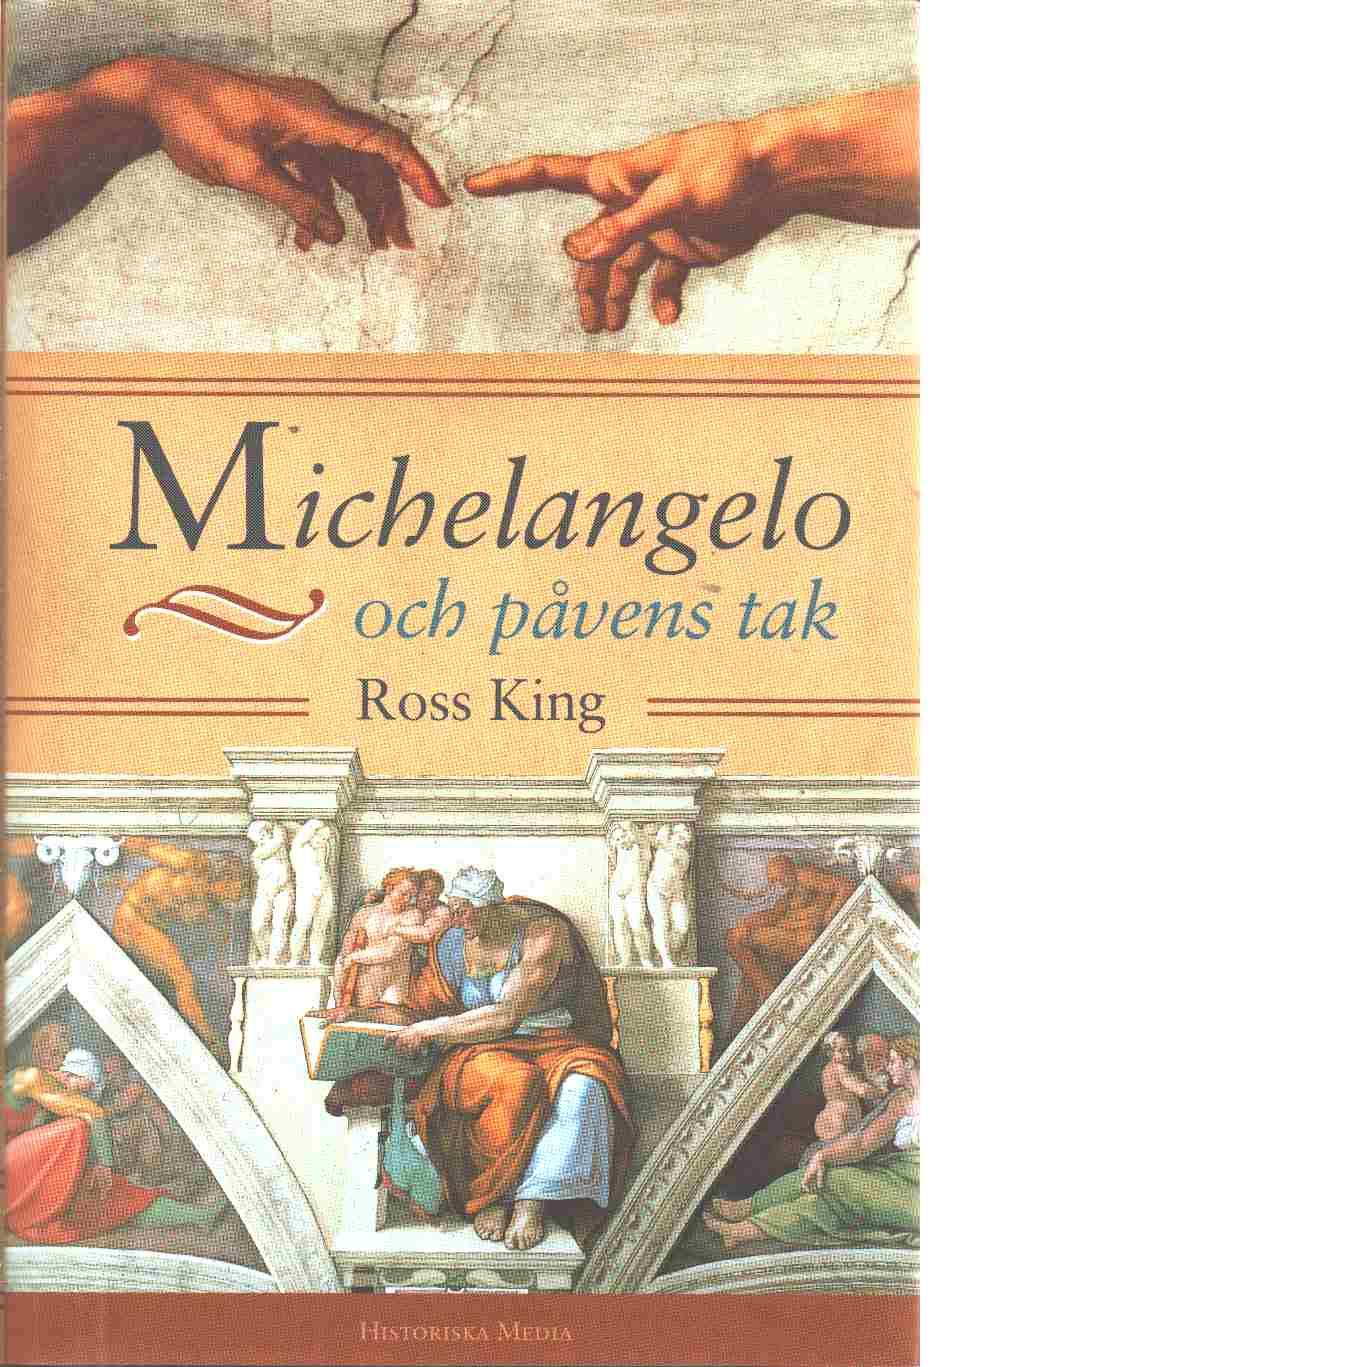 Michelangelo och påvens tak - King, Ross